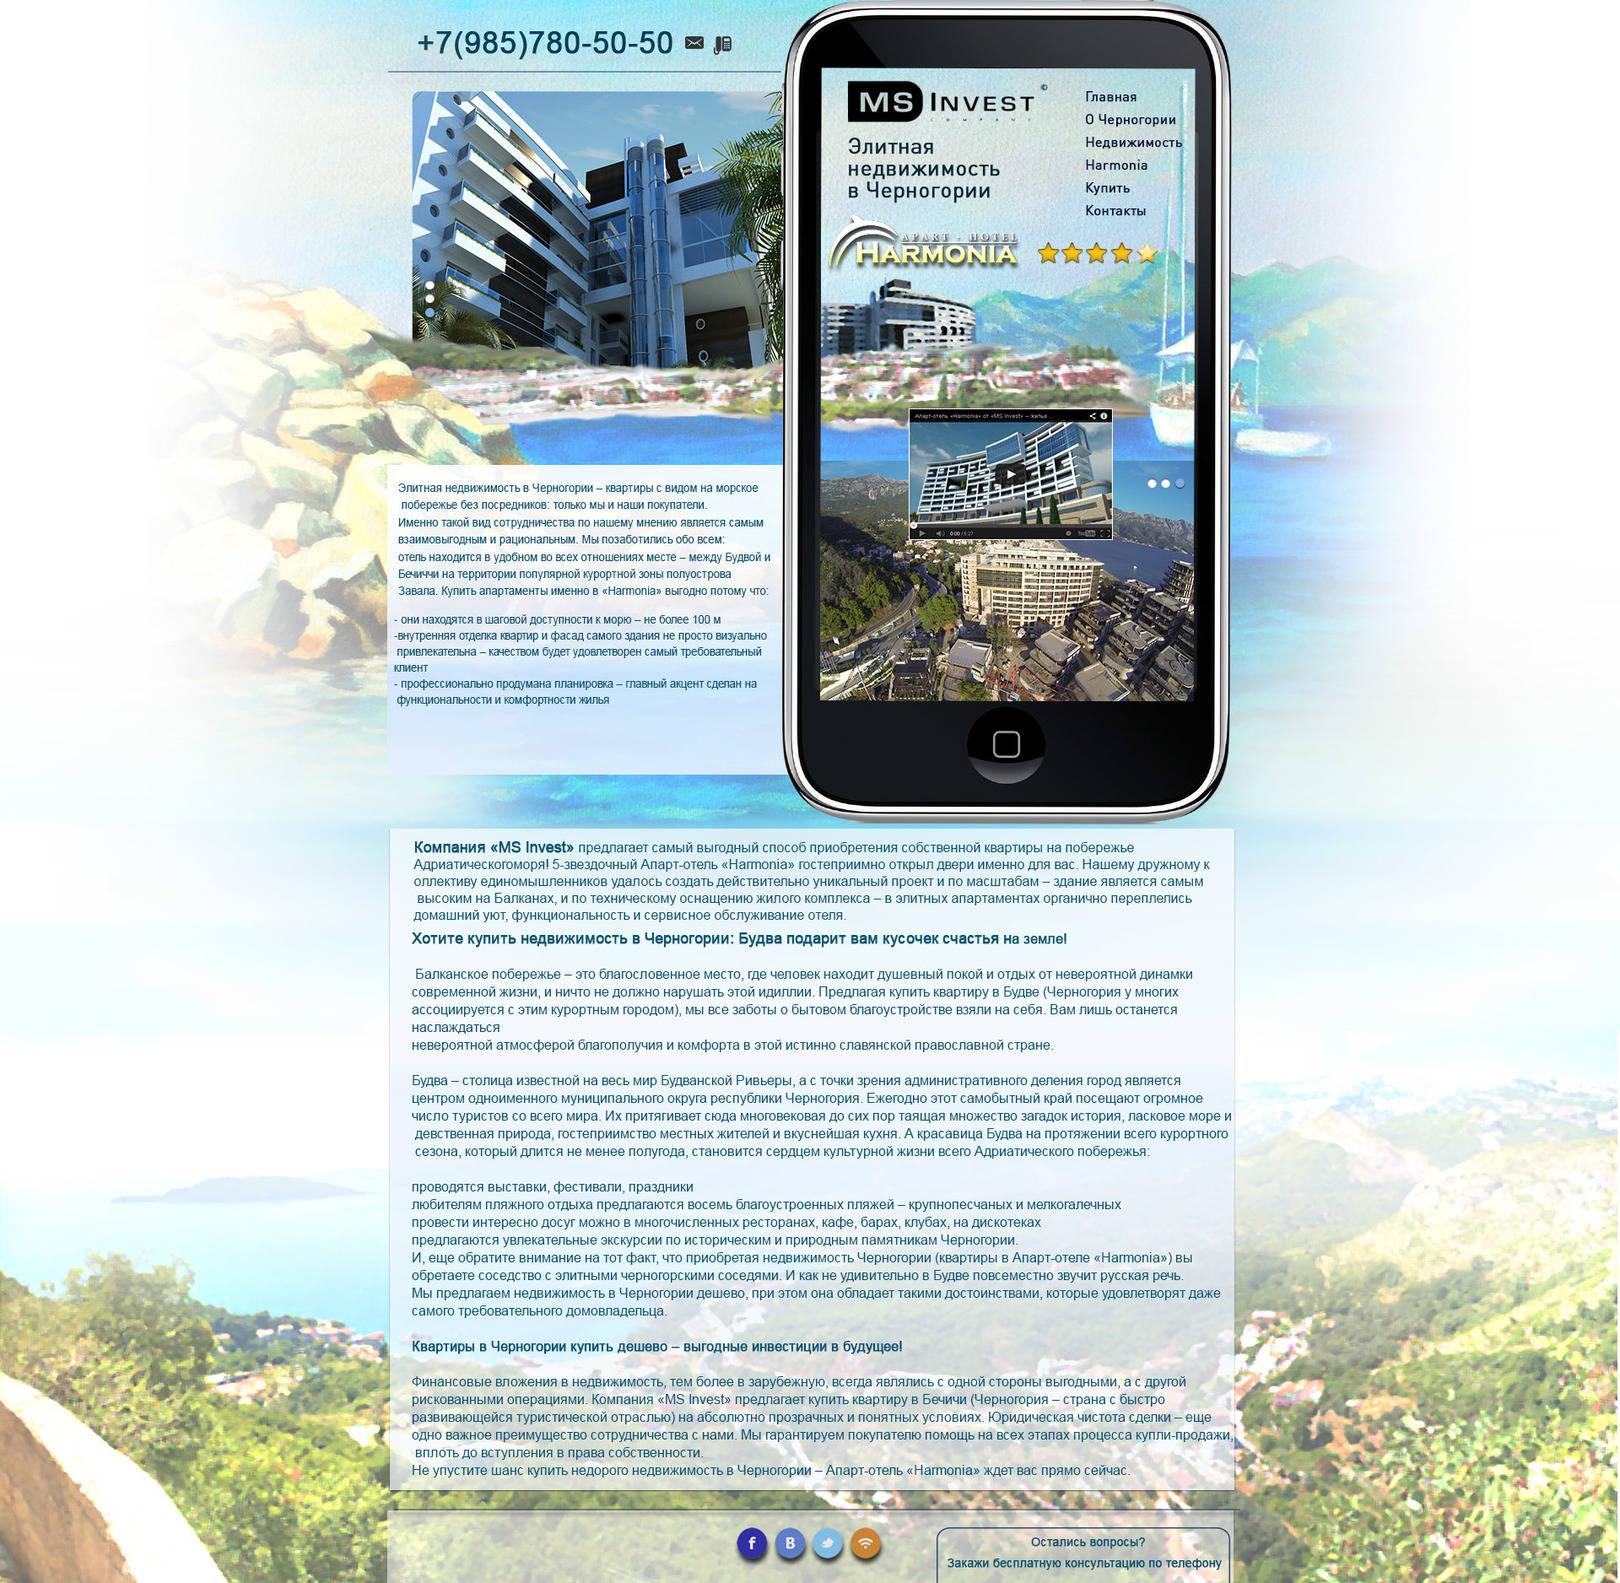 Сайт по продаже недвижимости в Черногории